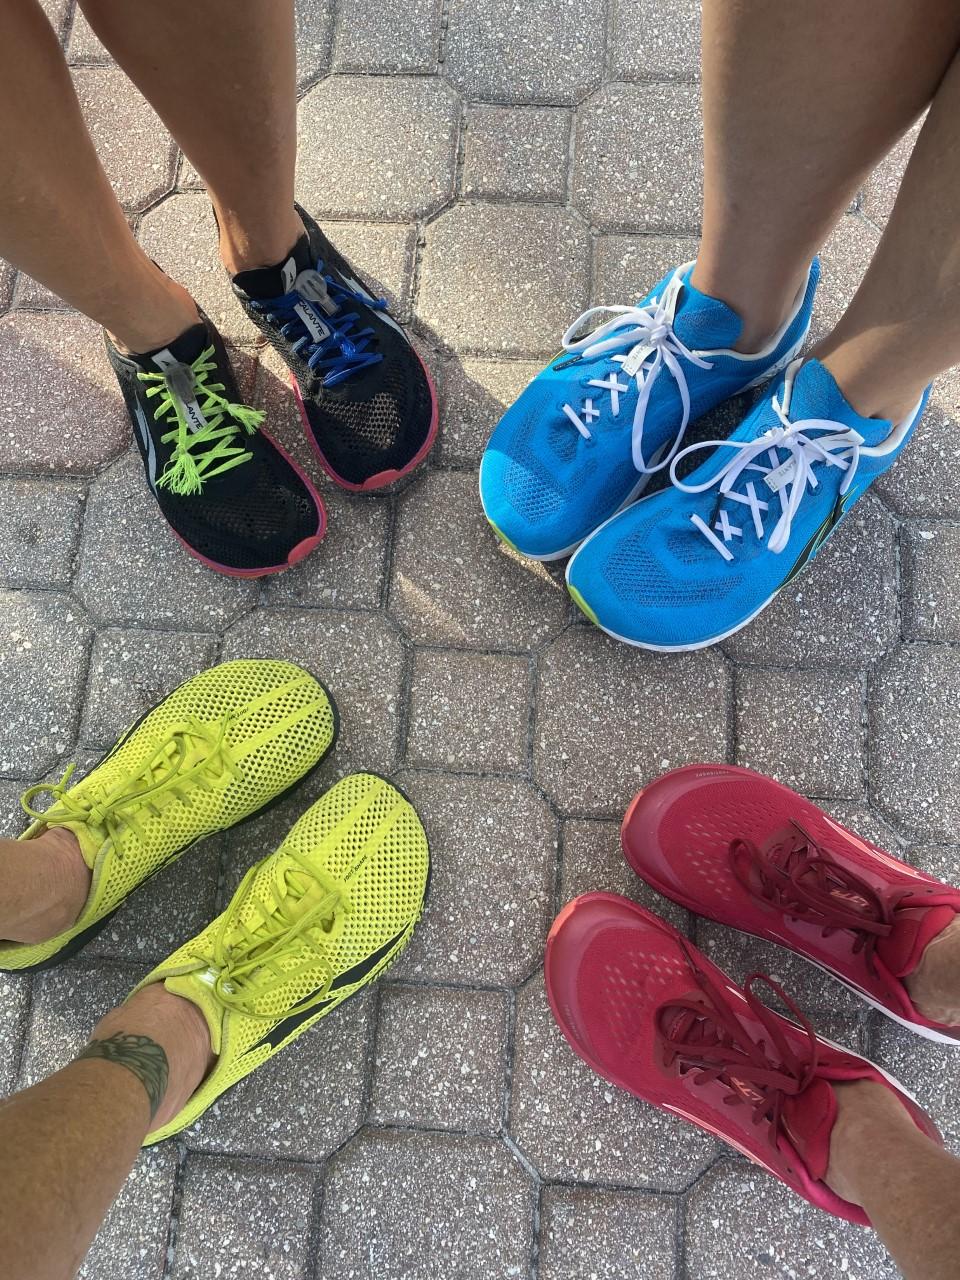 Running Season; Do you really need orthotics or something else?